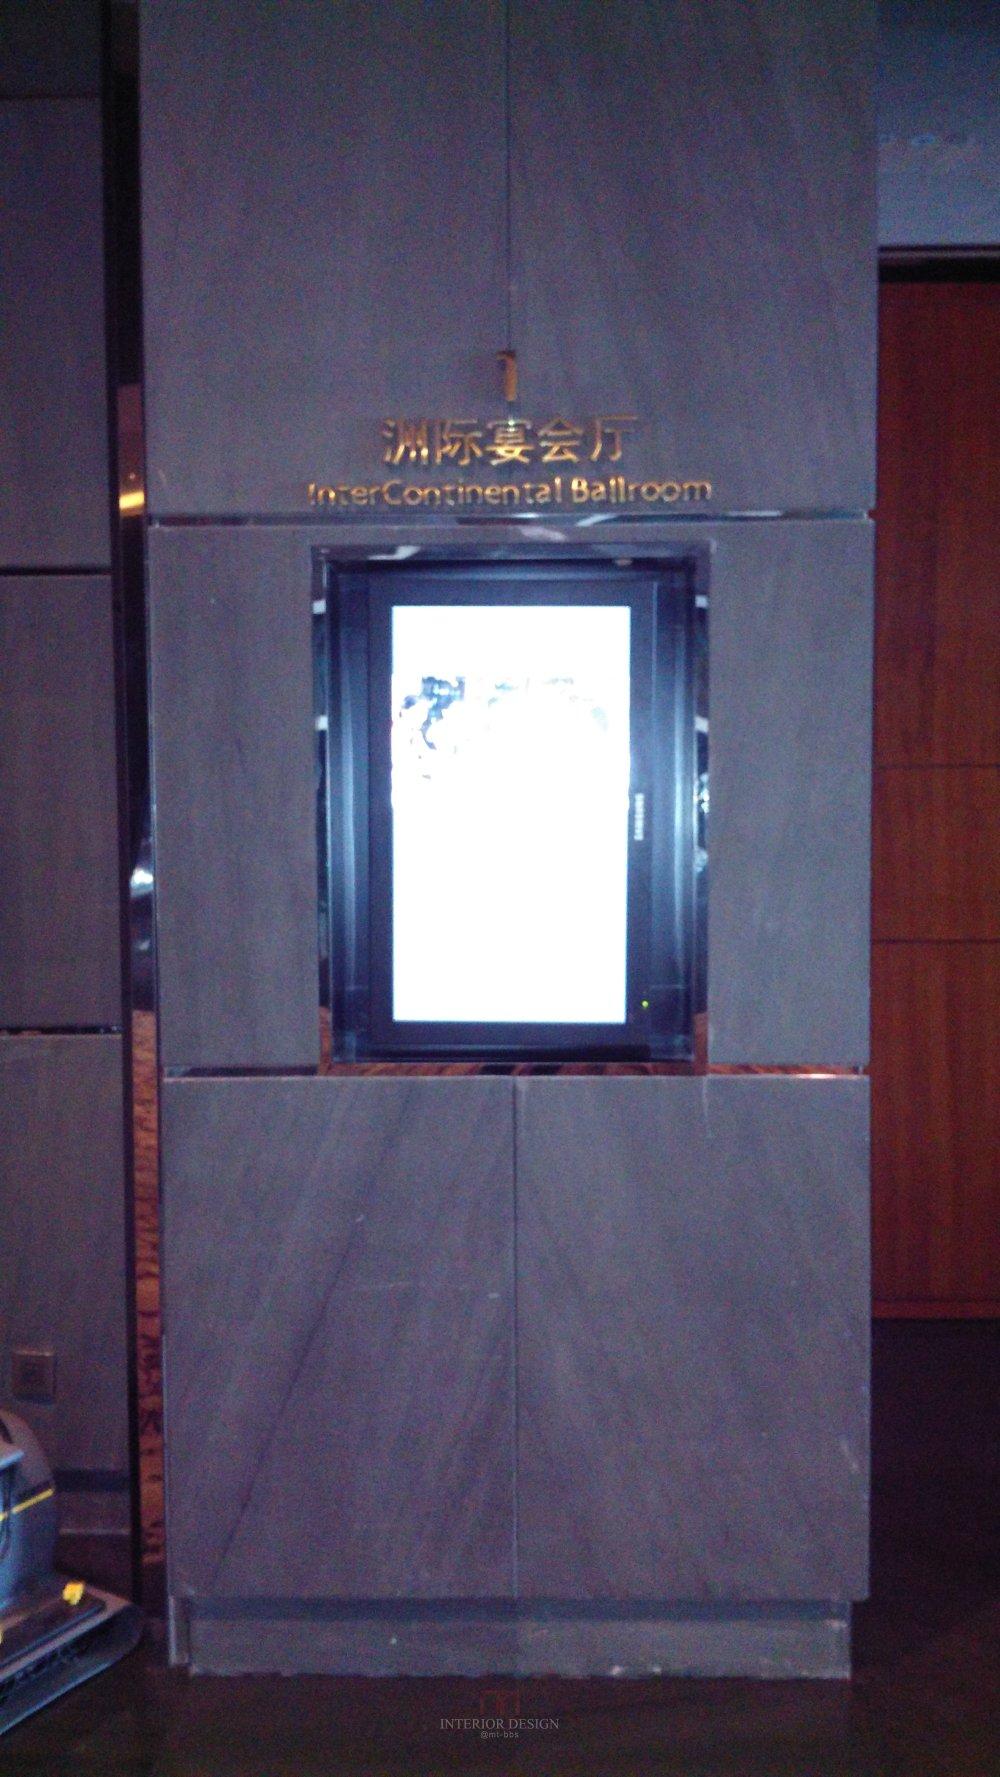 长沙北辰洲际酒店_IMG_20150219_123545.jpg